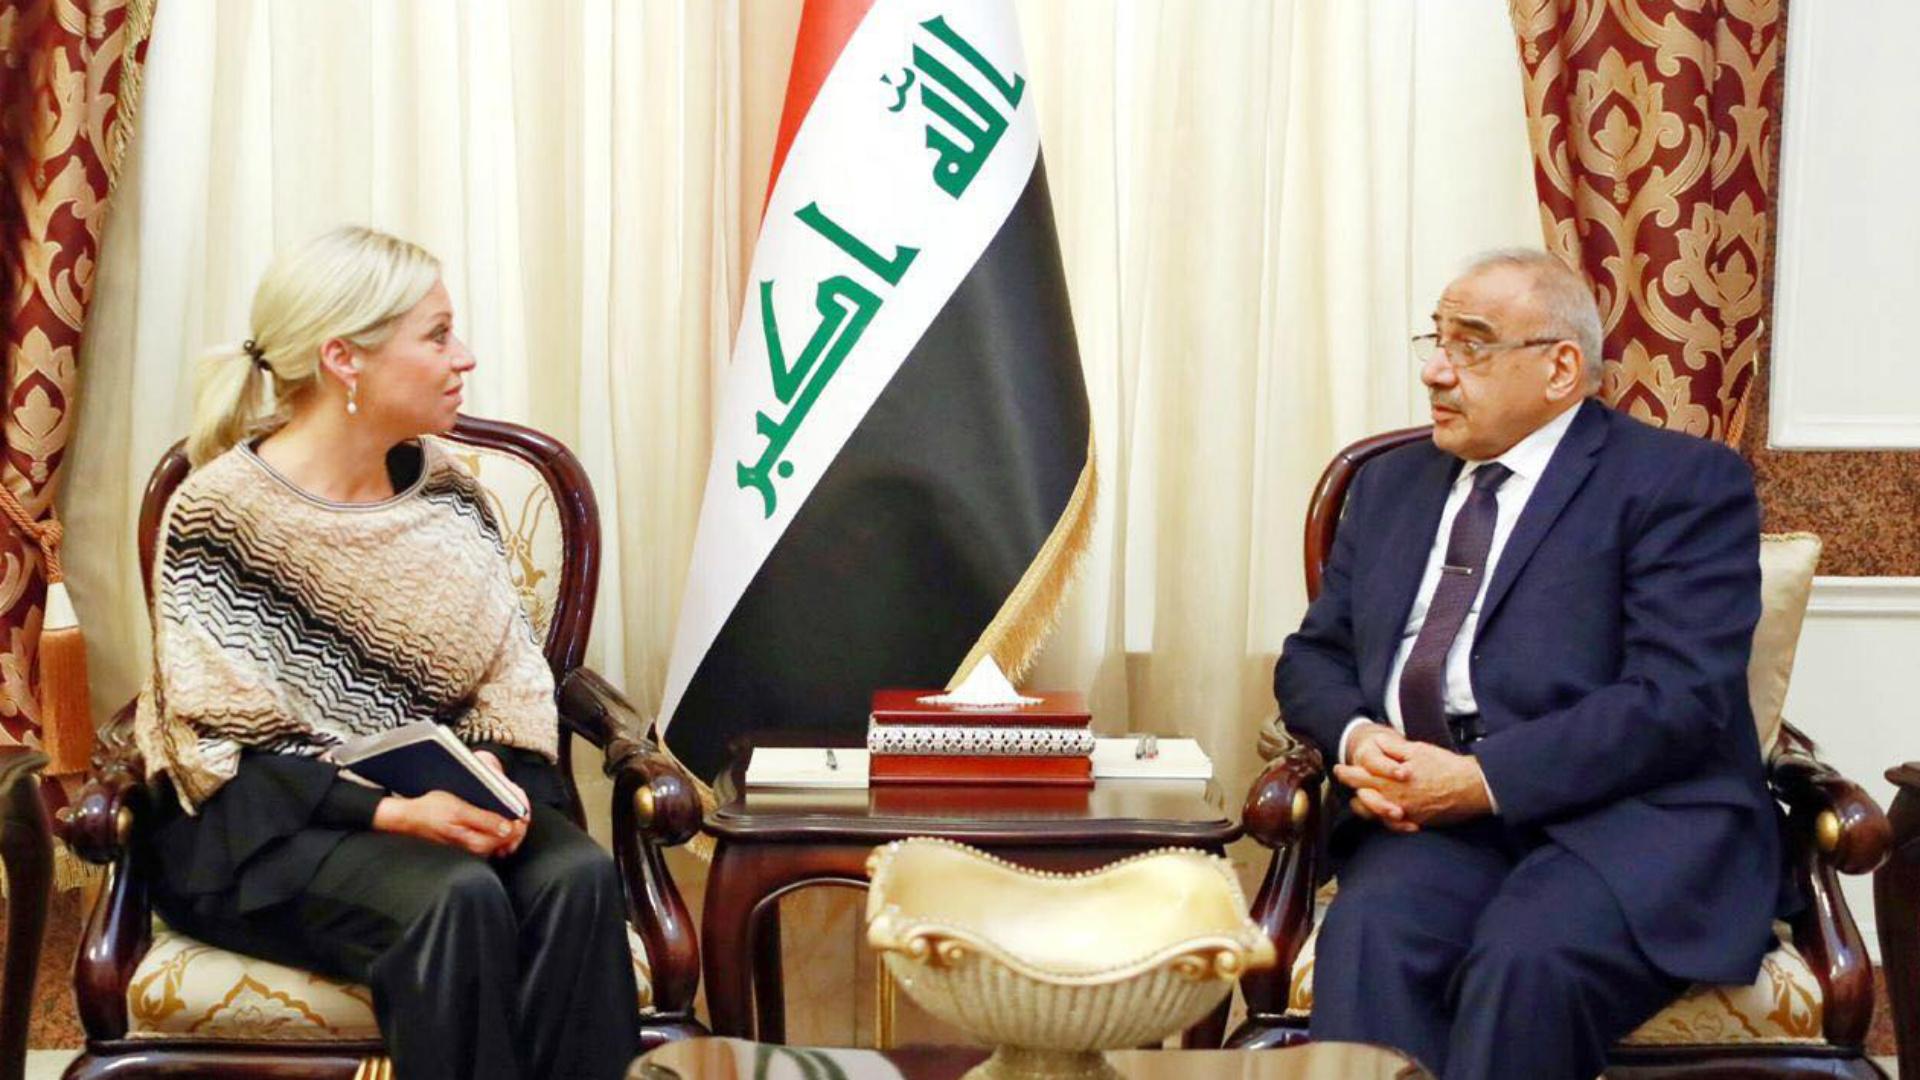 رئيس الوزراء يؤكد حرص العراق على استمرار علاقاته مع المجتمع الدولي